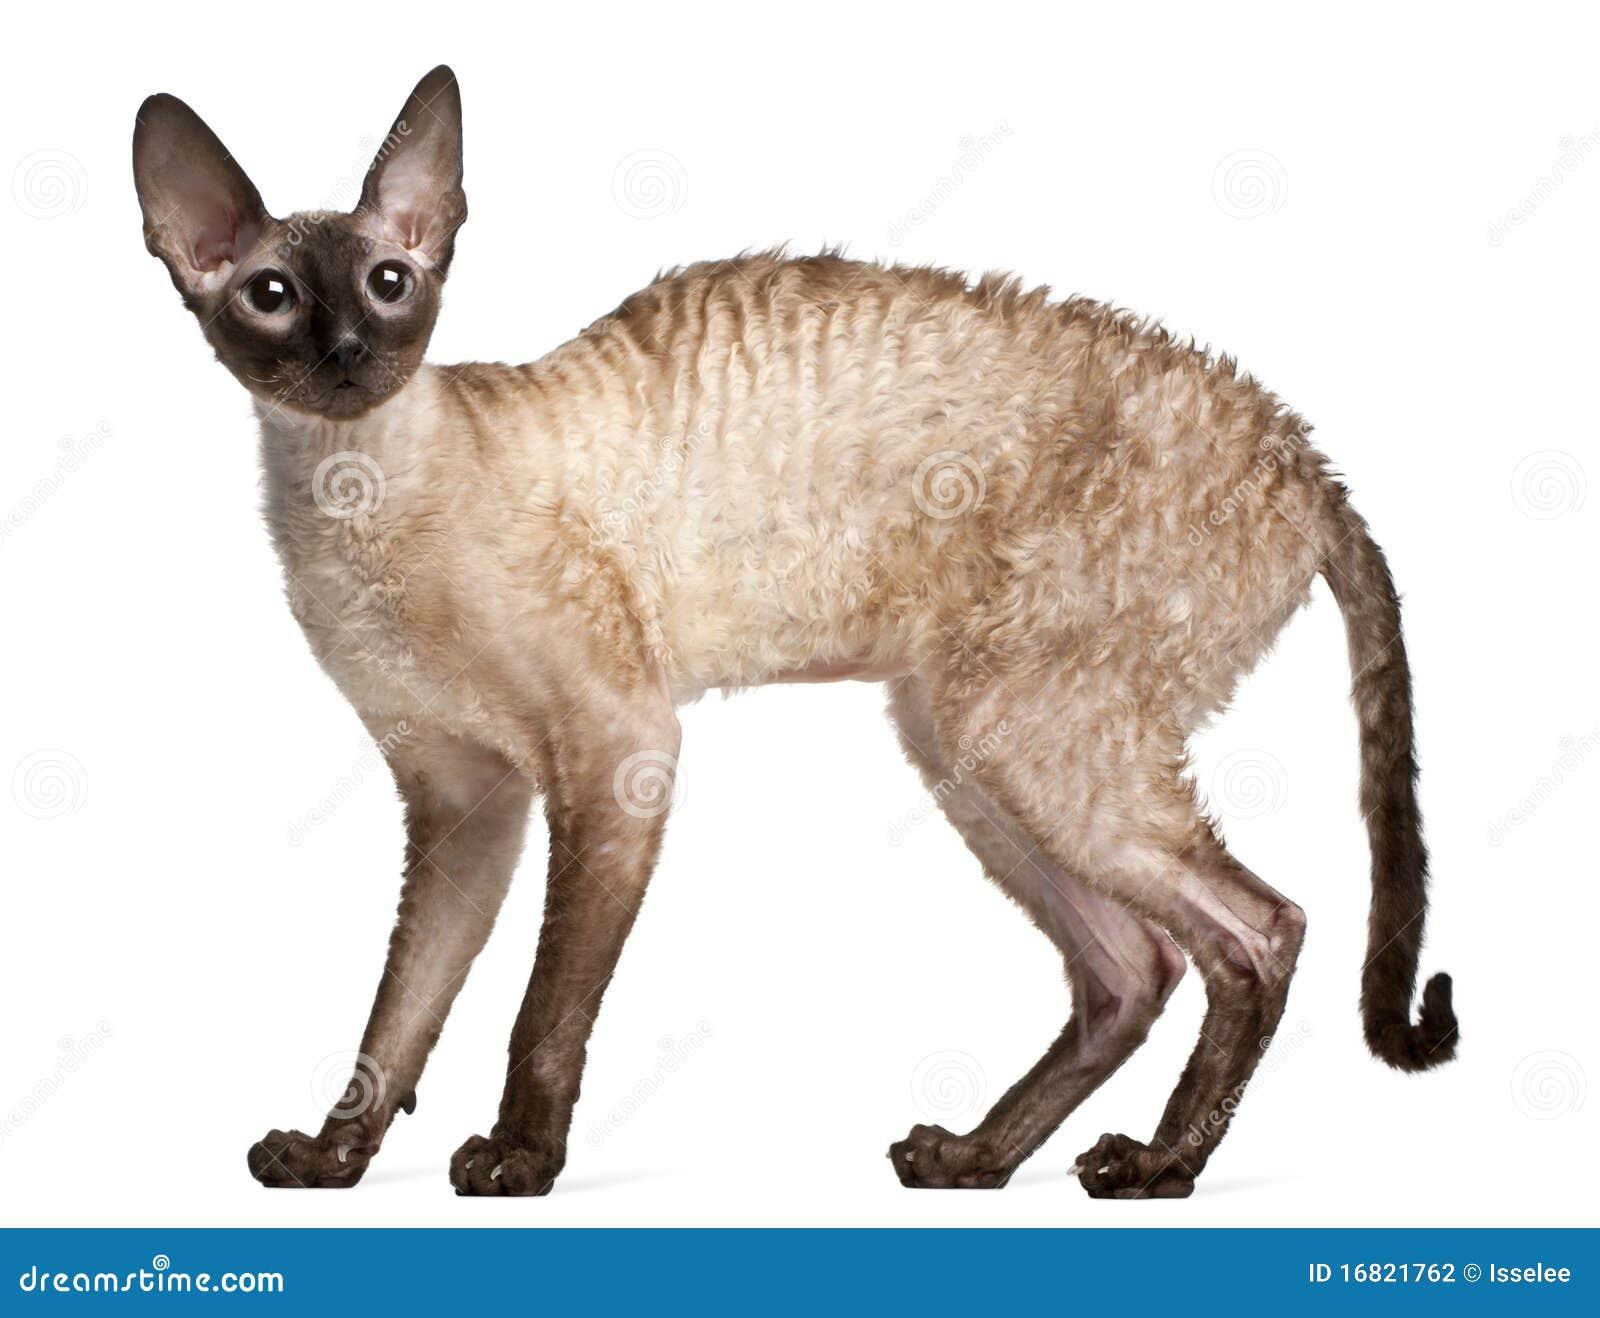 latissimus dorsi cat